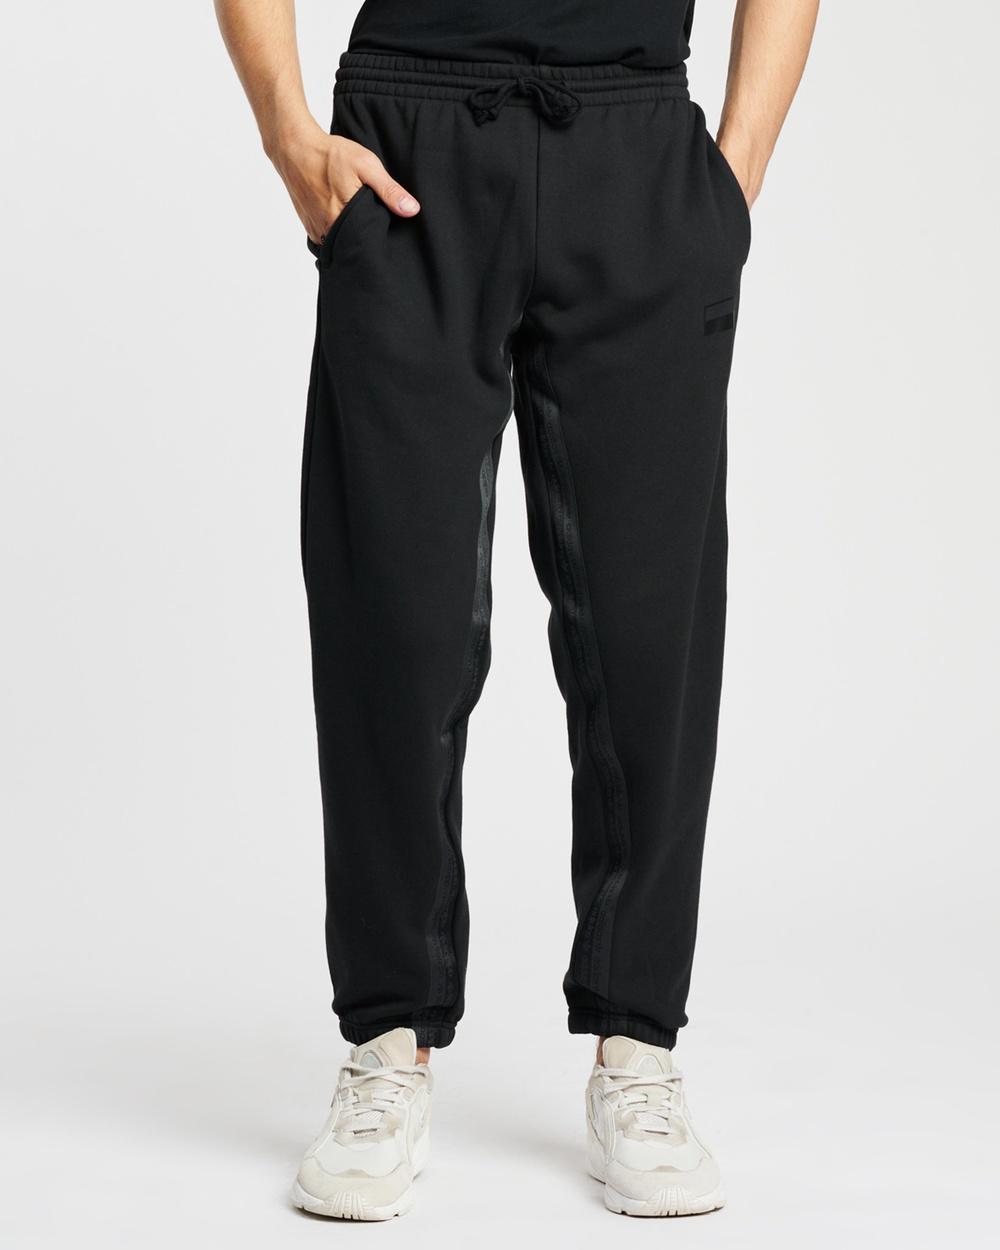 adidas Originals R.Y.V. Cuffed Sweat Pants Track Black